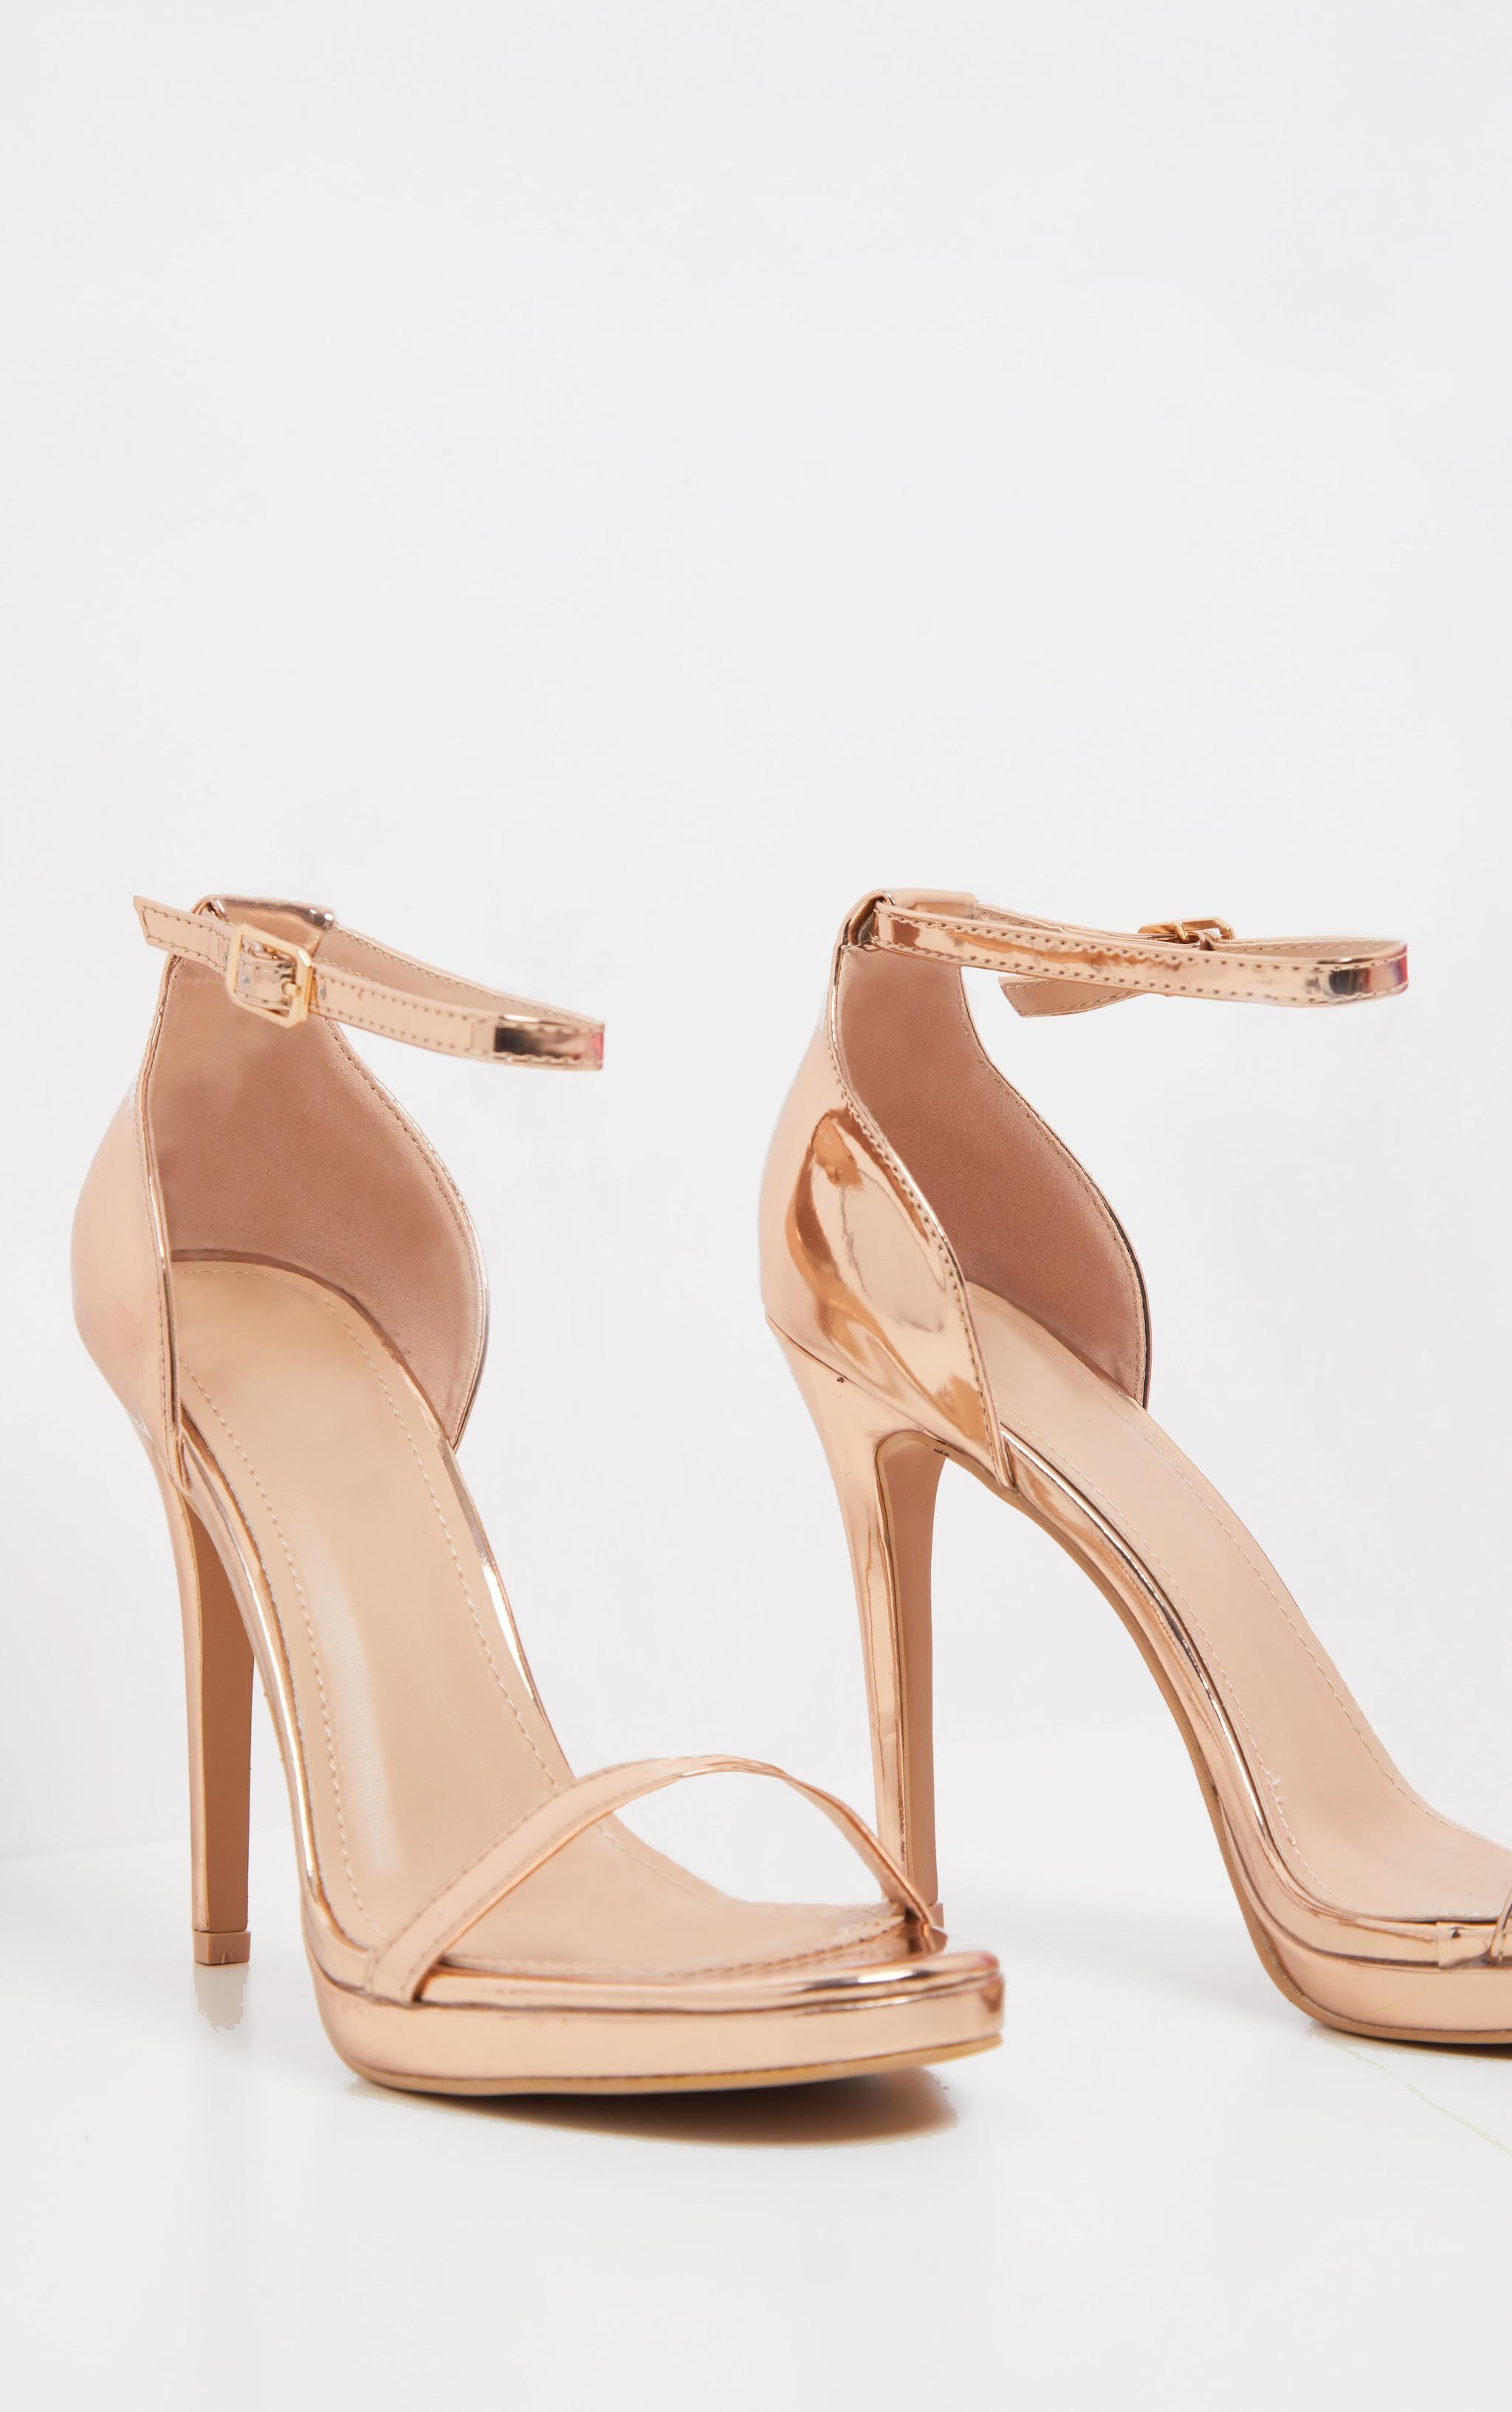 Sandales à talons et bride unique rose gold  3